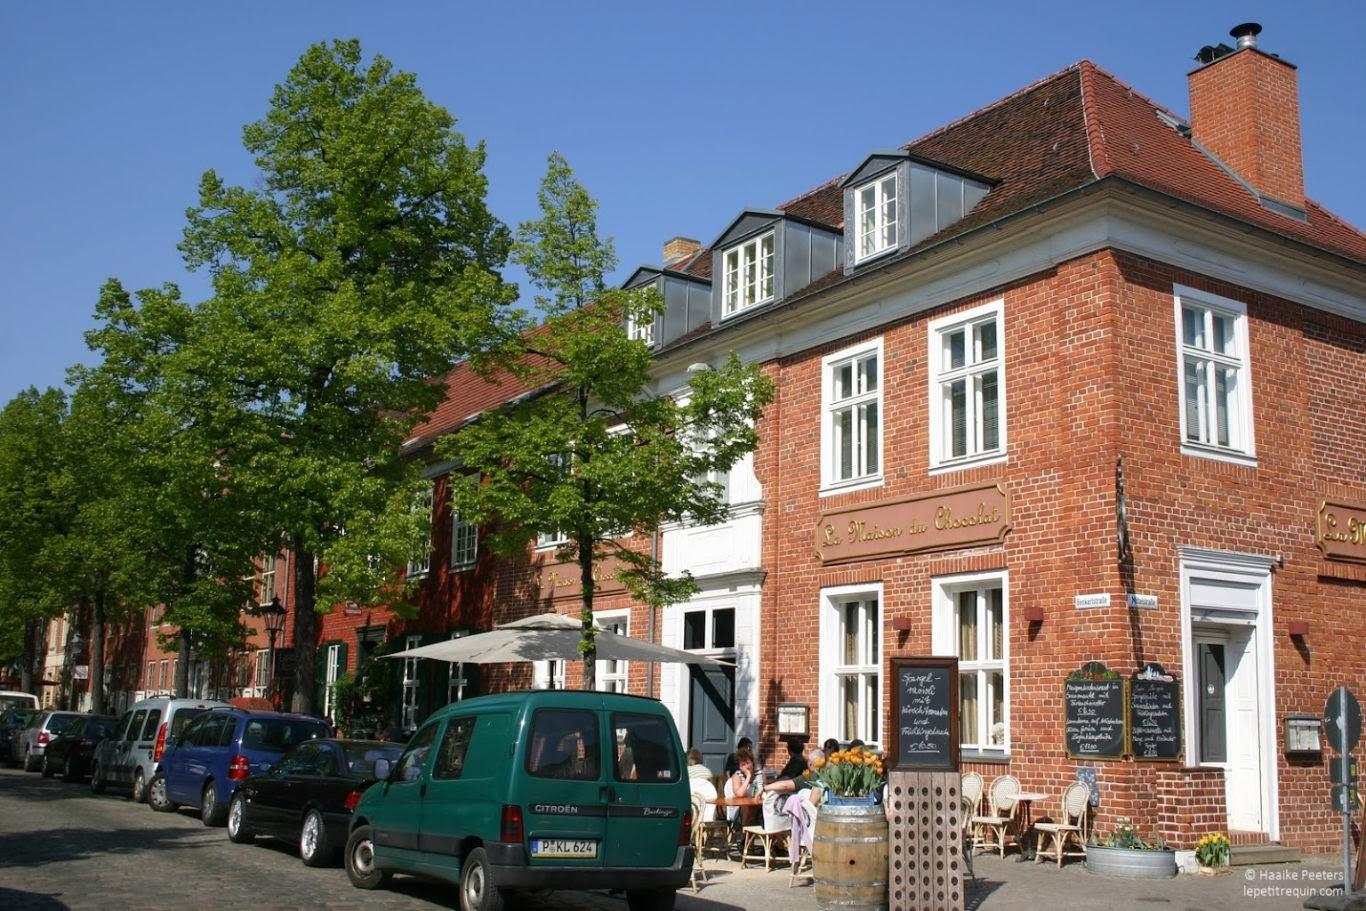 Holländisches Viertel Potsdam (Le petit requin)